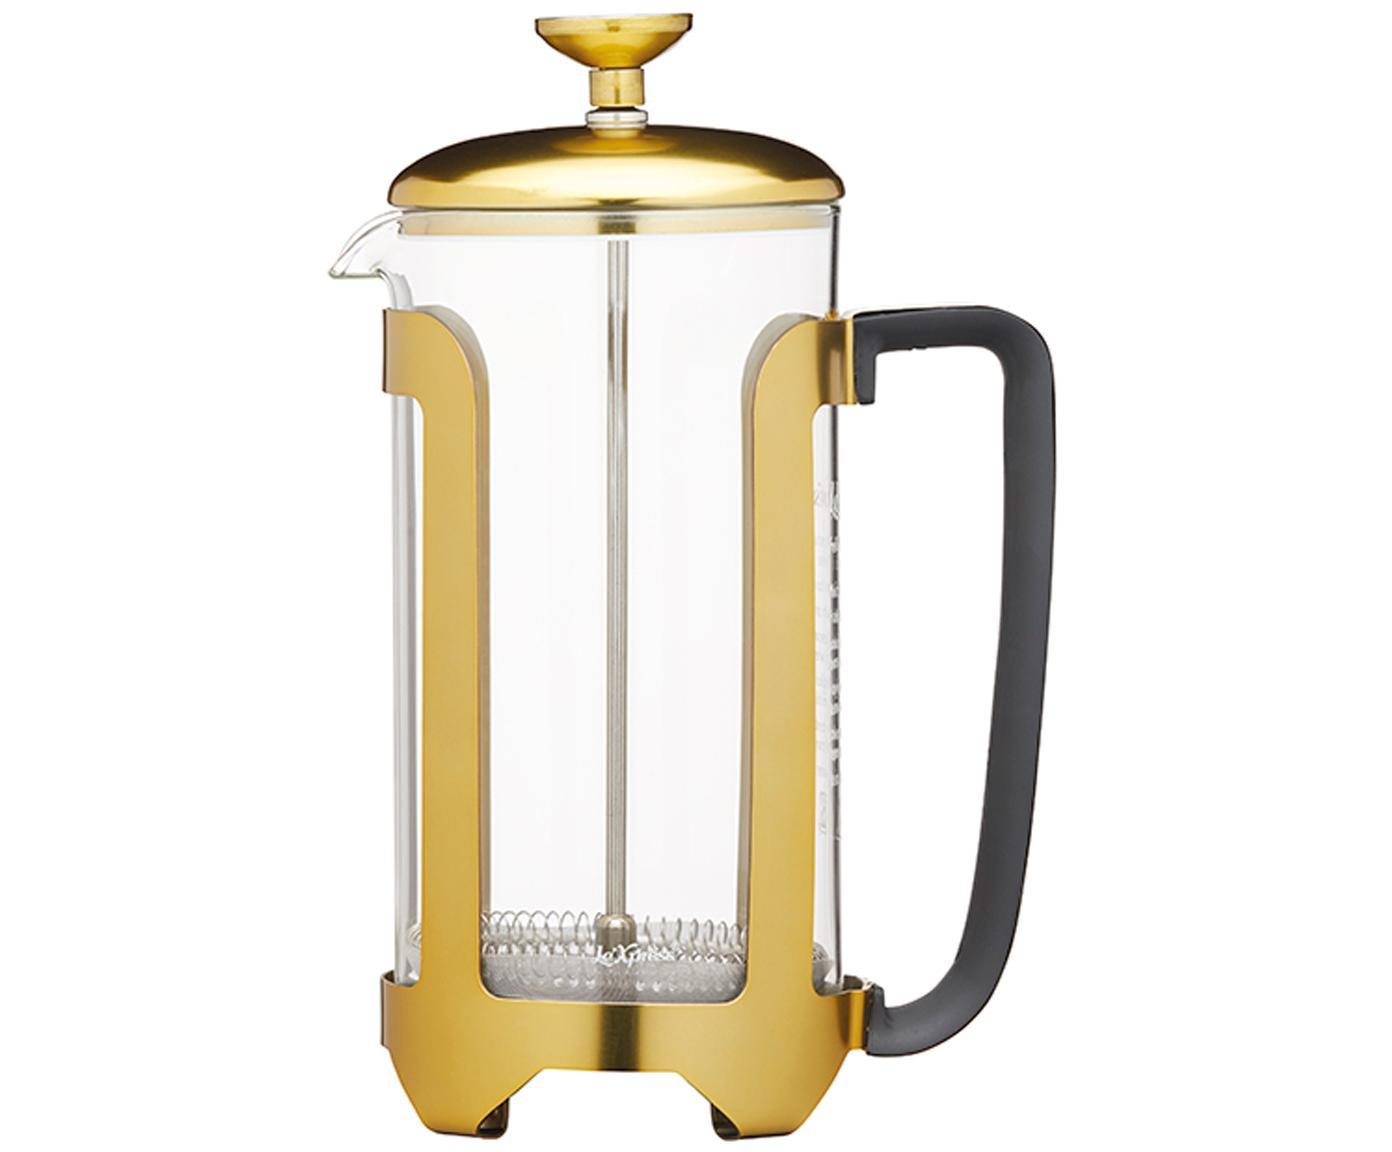 Caffettiera in oro/trasparente Le'Xpress, Vetro borosilicato, metallo, rivestito, Trasparente, ottonato, 1 l